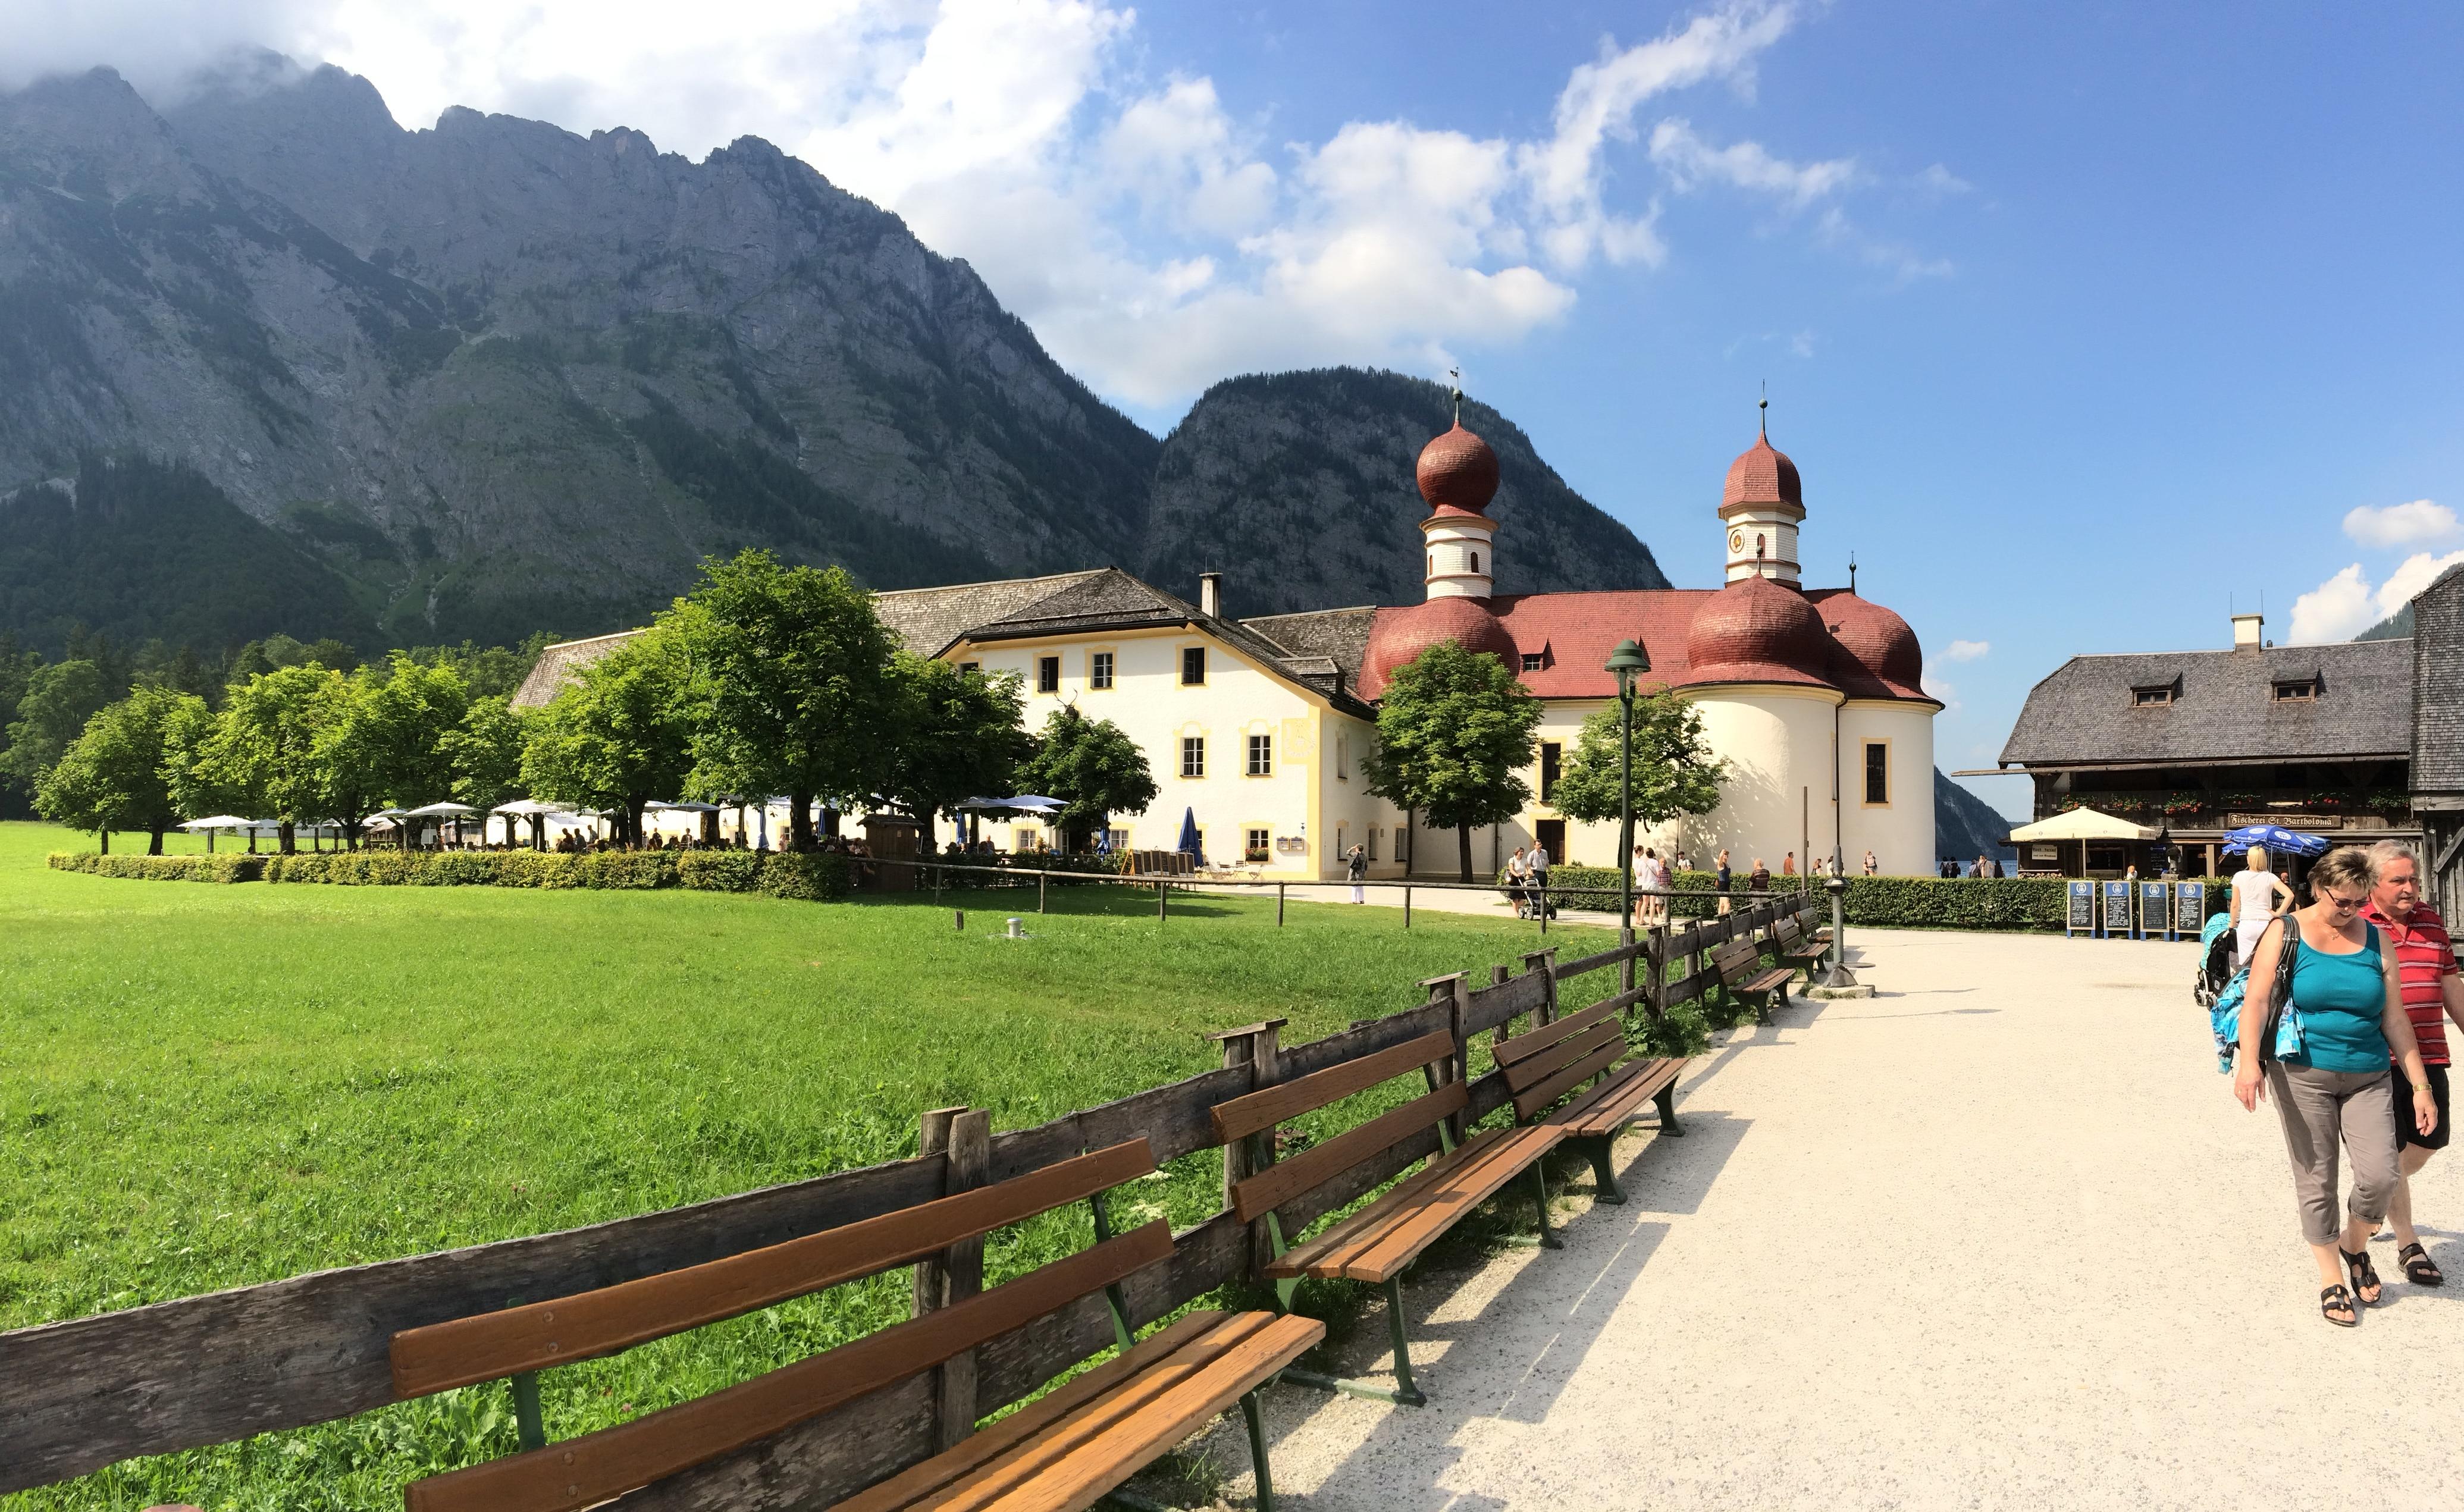 Königssee, St. Bartholomä